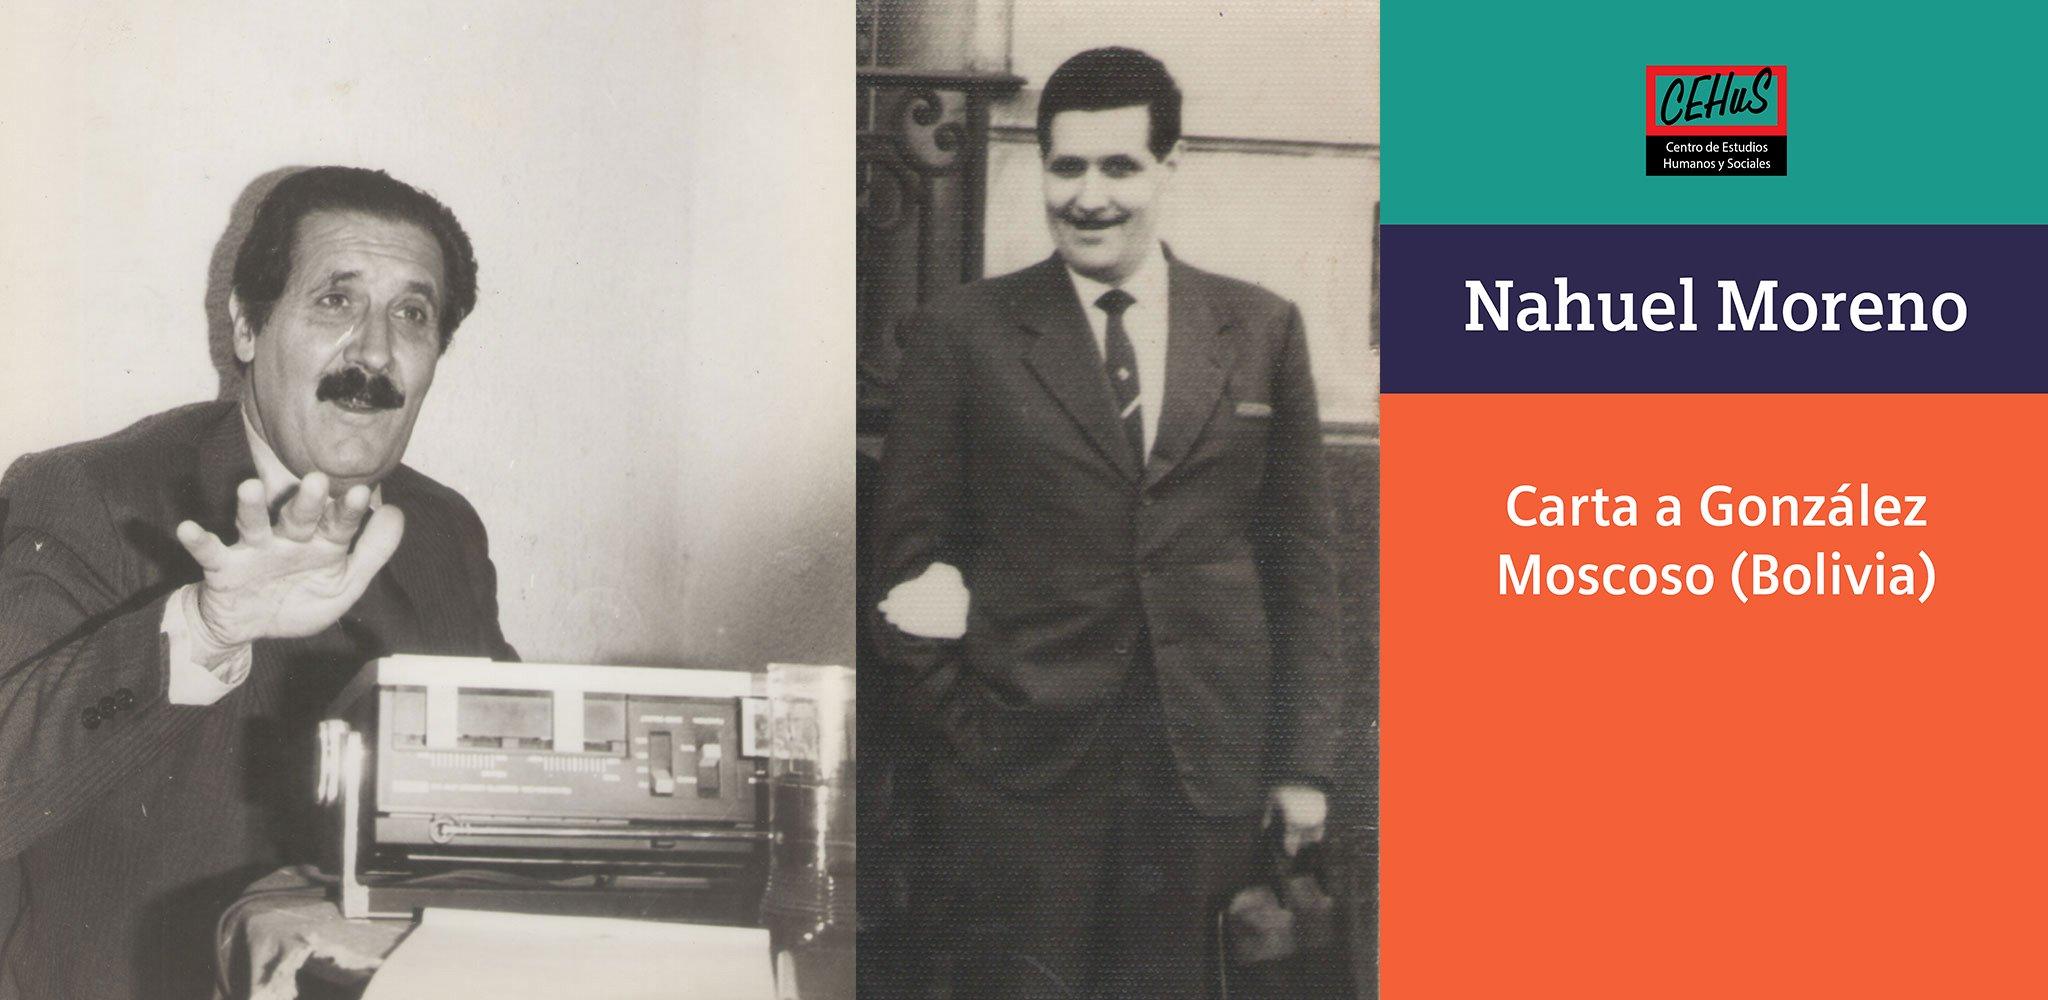 CARTA A GONZÁLEZ MOSCOSO -BOLIVIA- (1965)